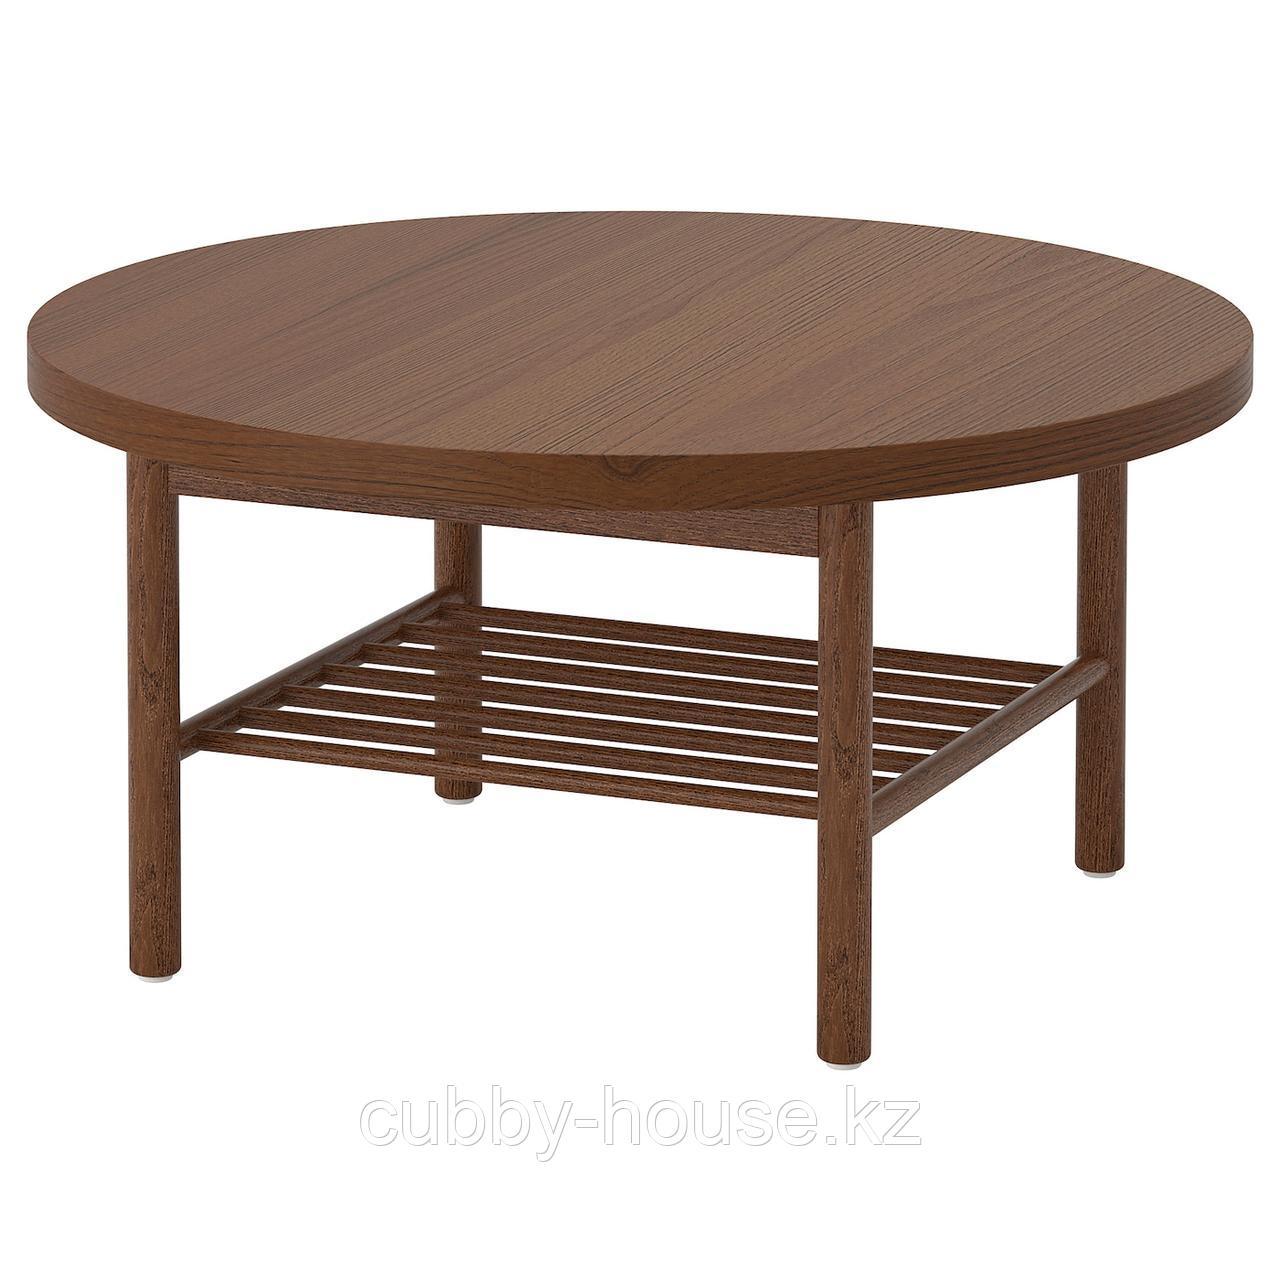 ЛИСТЕРБИ Журнальный стол, коричневый, 90 см